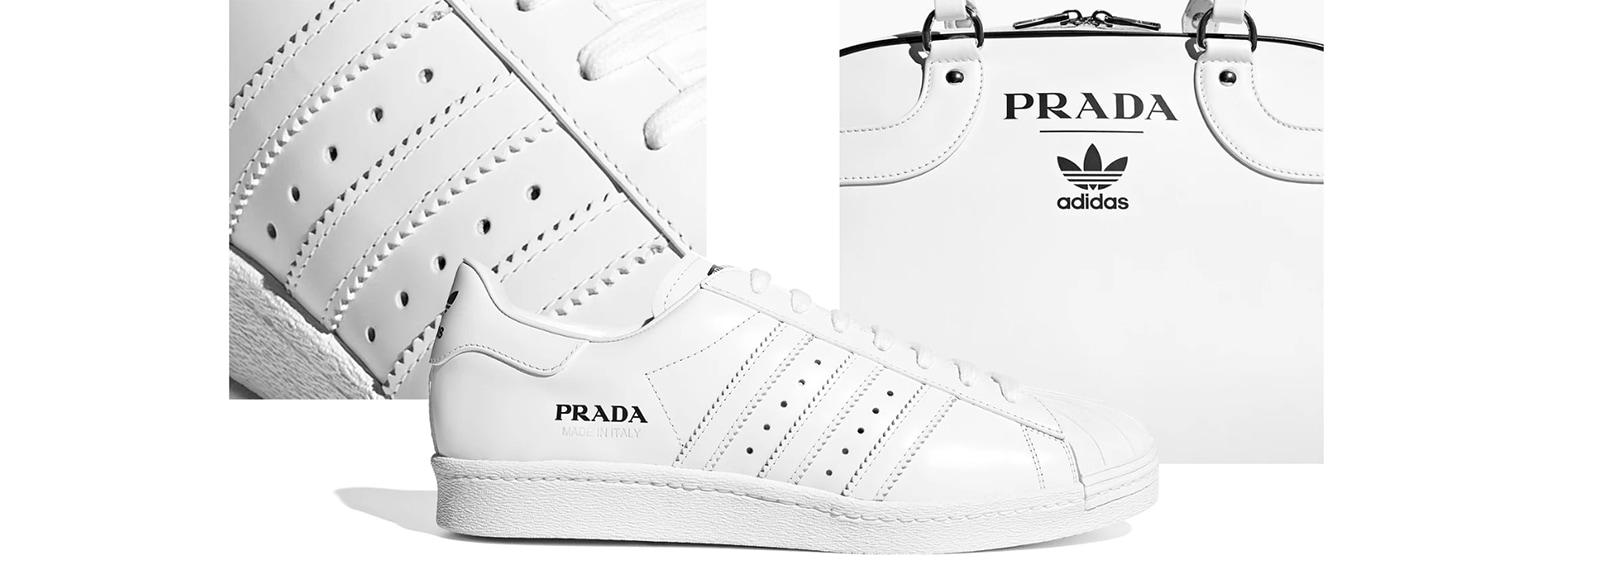 prada-adidas-new-DESK